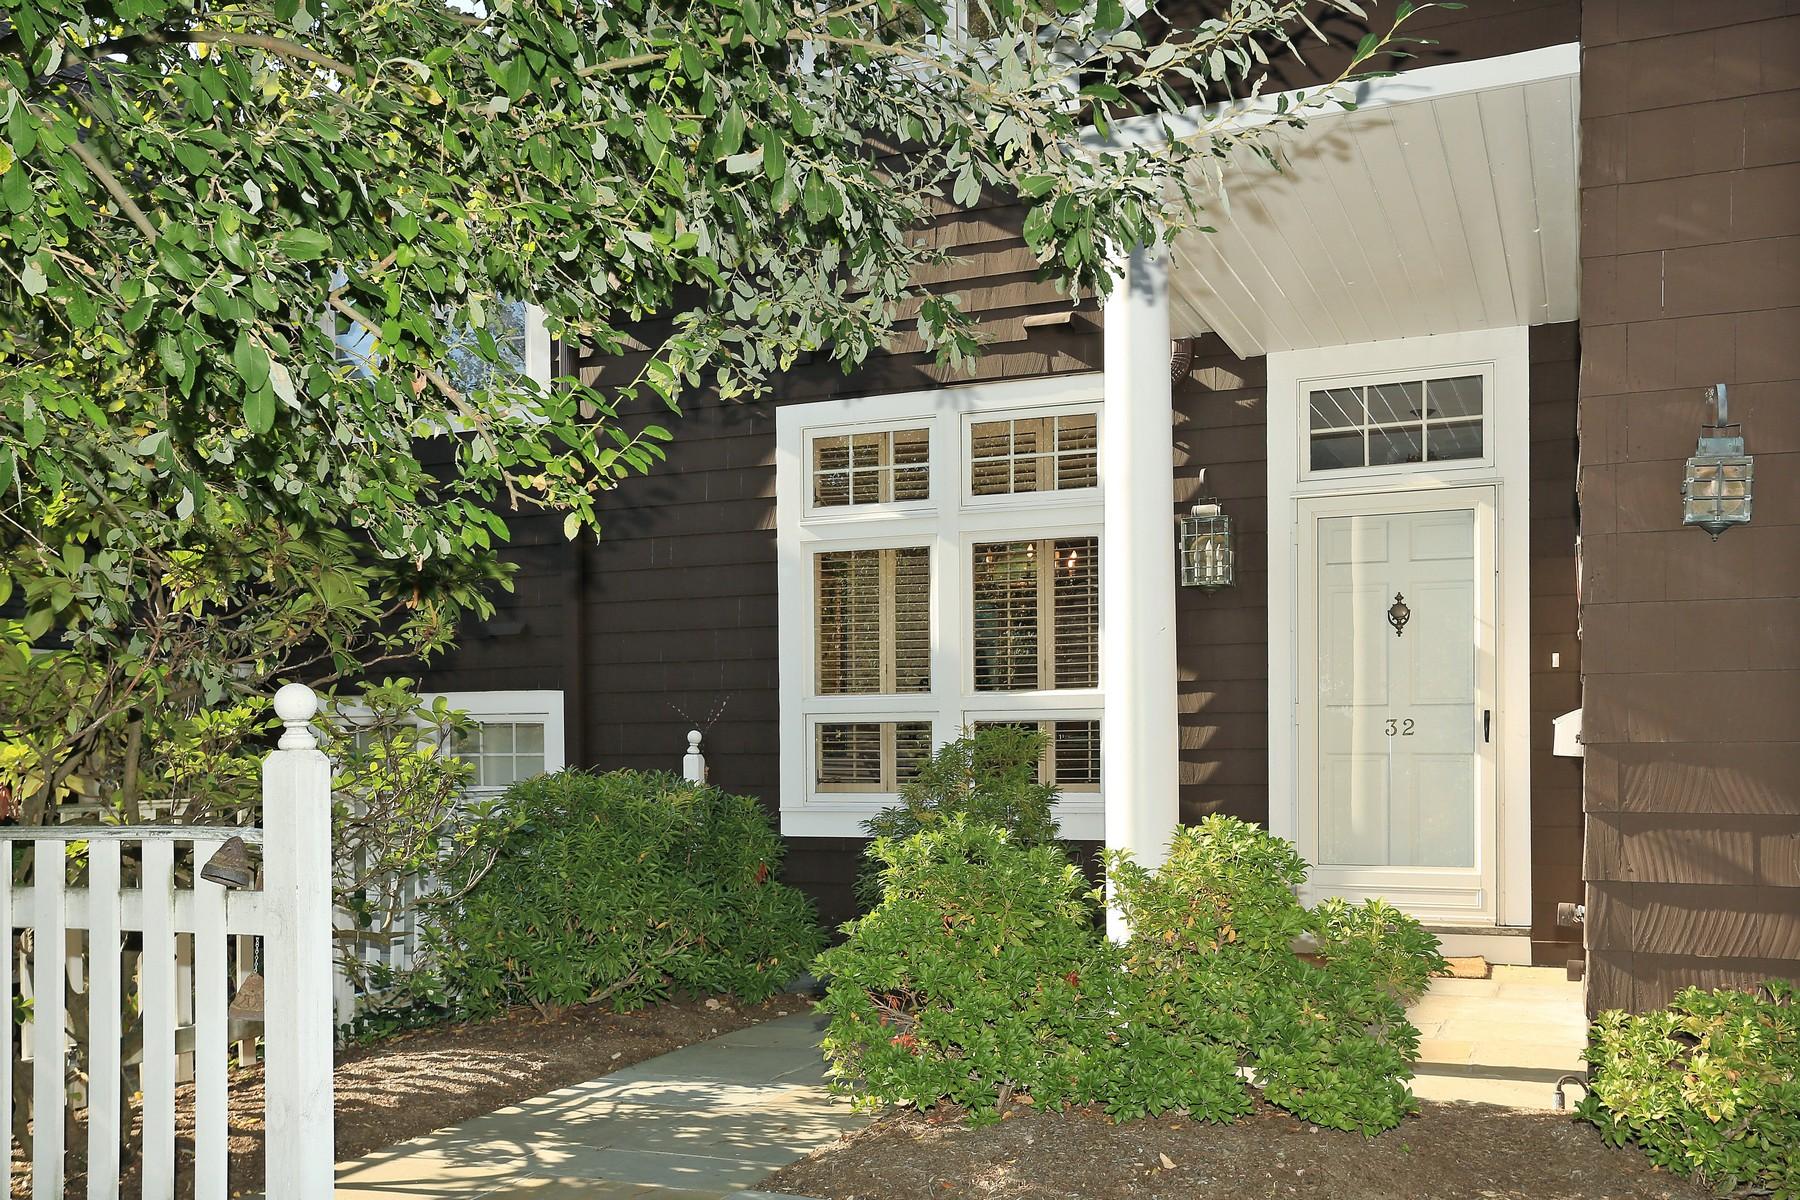 Eigentumswohnung für Verkauf beim Open Floor Plan Living At St. Andrew's Golf Club 10 Old Jackson Avenue, #32 Hastings On Hudson, New York 10706 Vereinigte Staaten